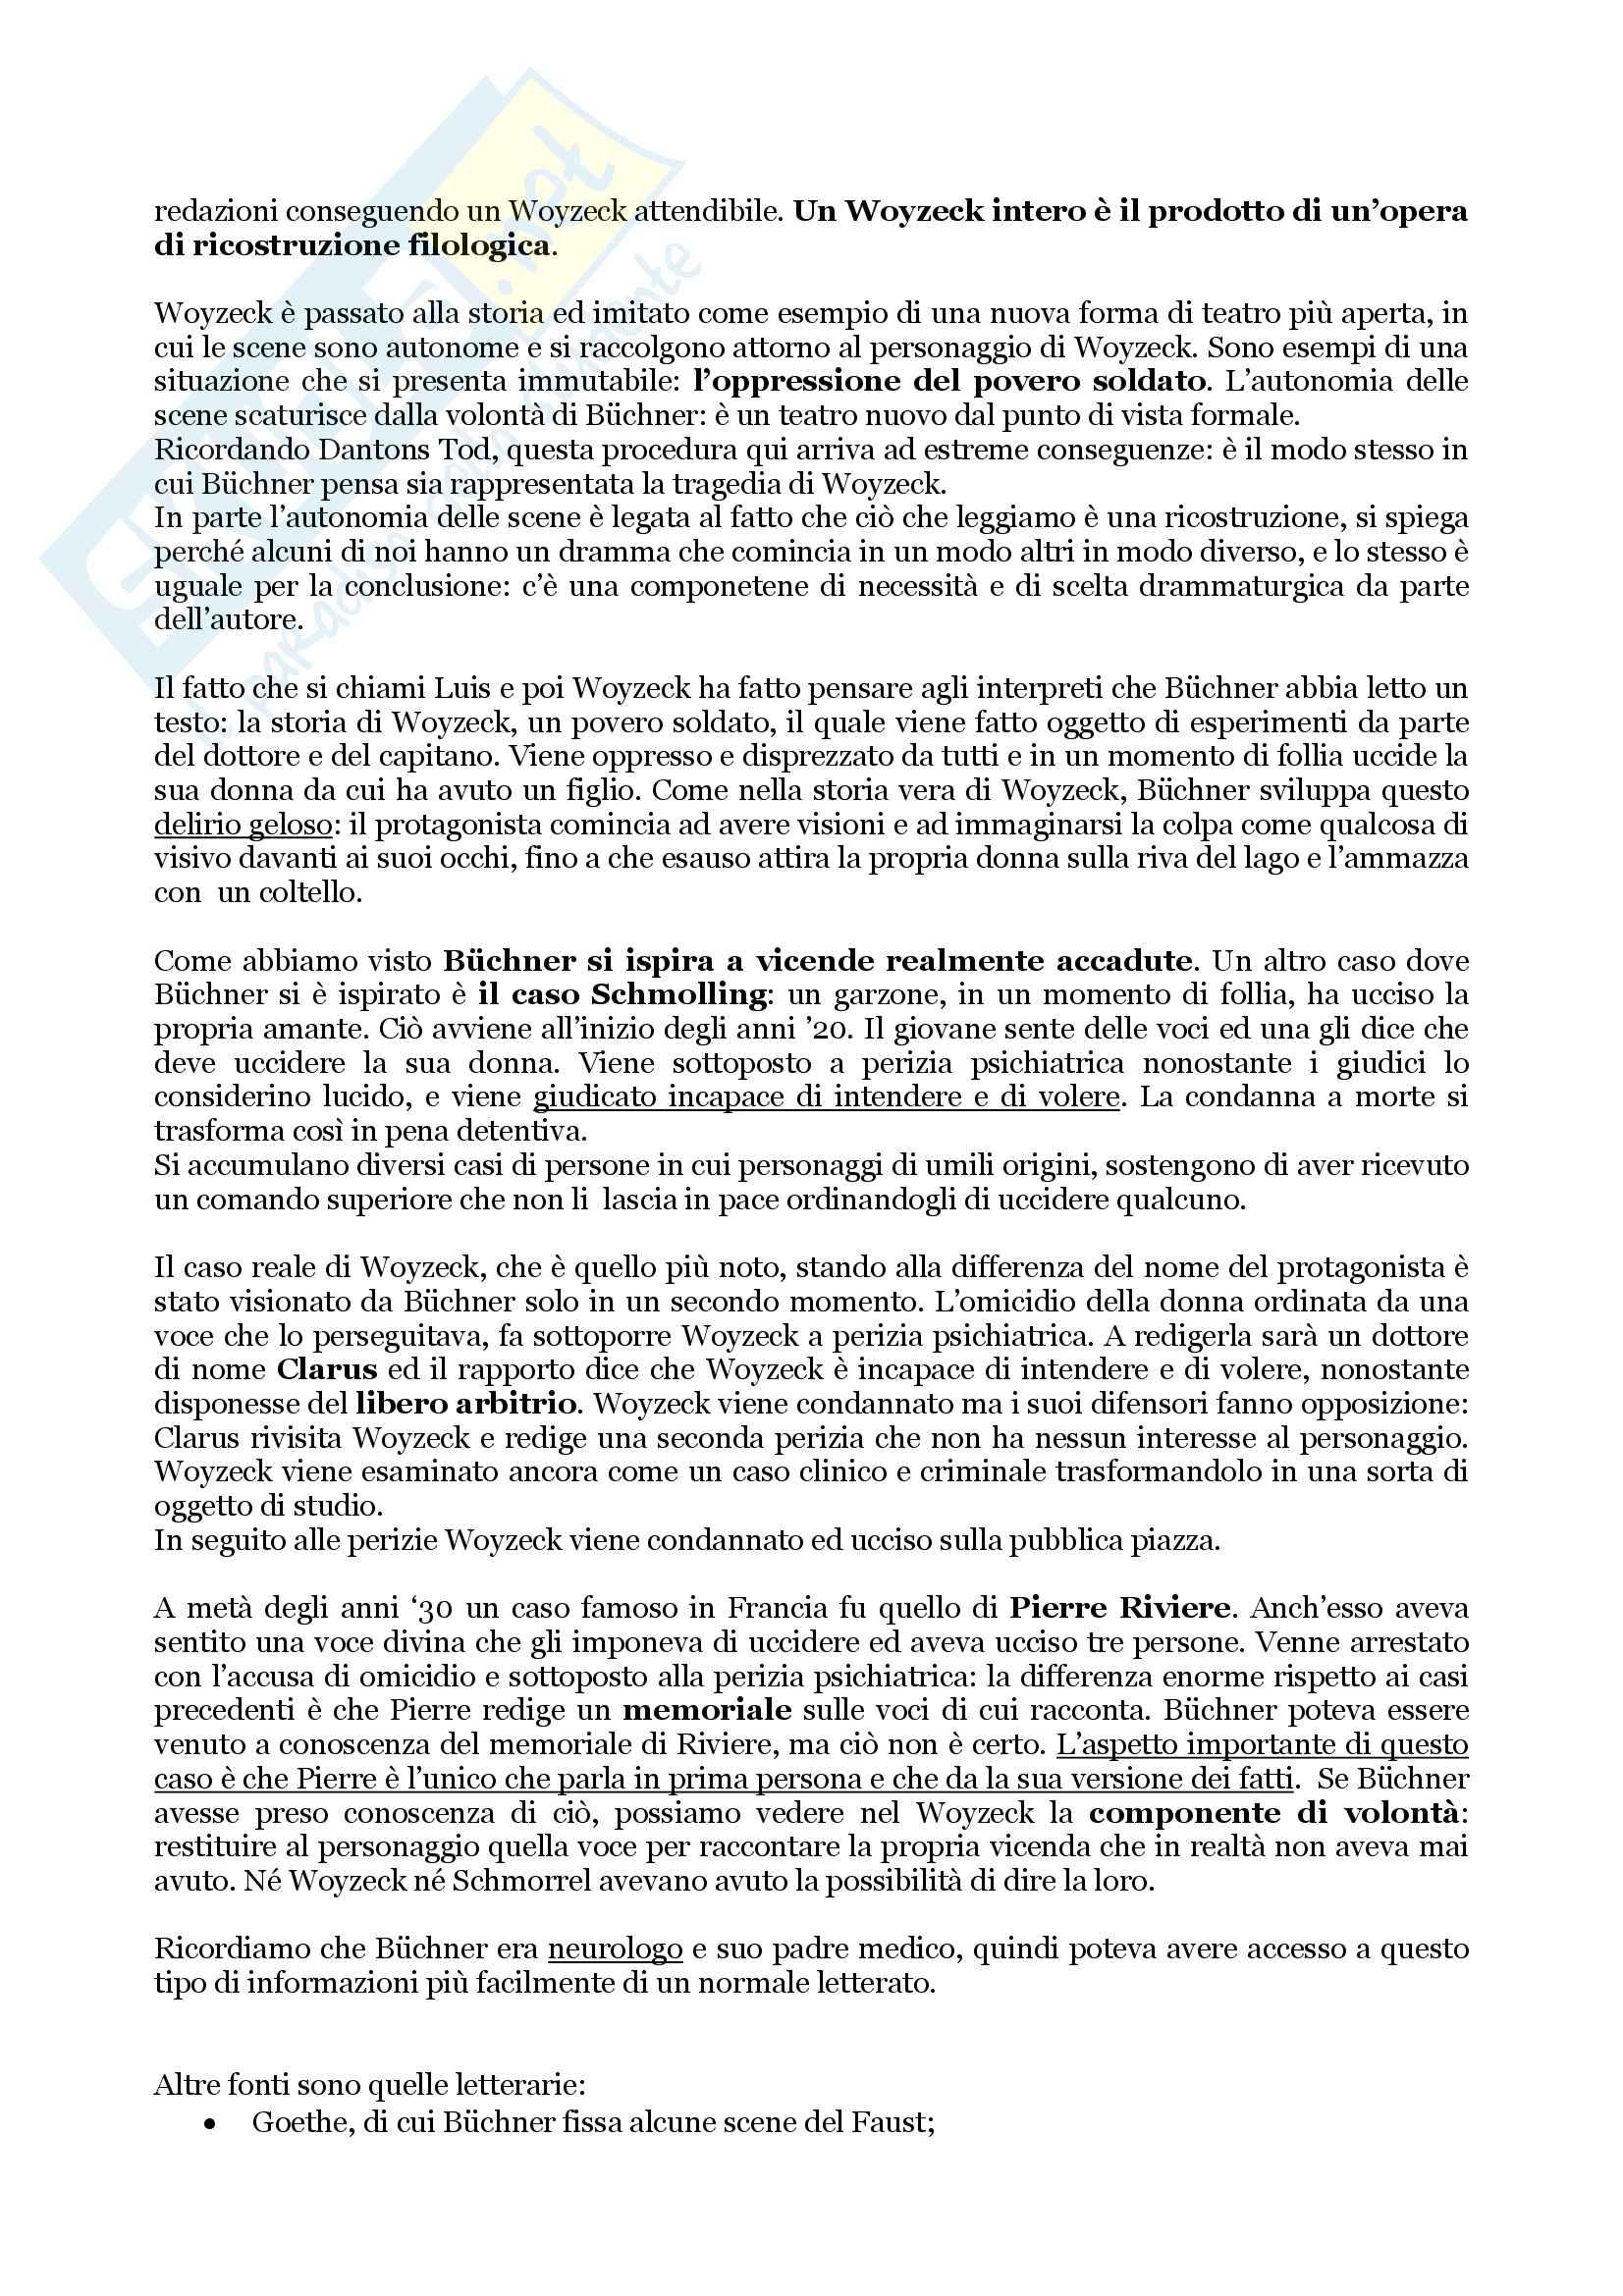 """Riassunto esame per l'esame di Letteratura Tedesca, docente Giovanna Cermelli, libro consigliato""""Woyzeck"""" di Georg Büchner Pag. 2"""